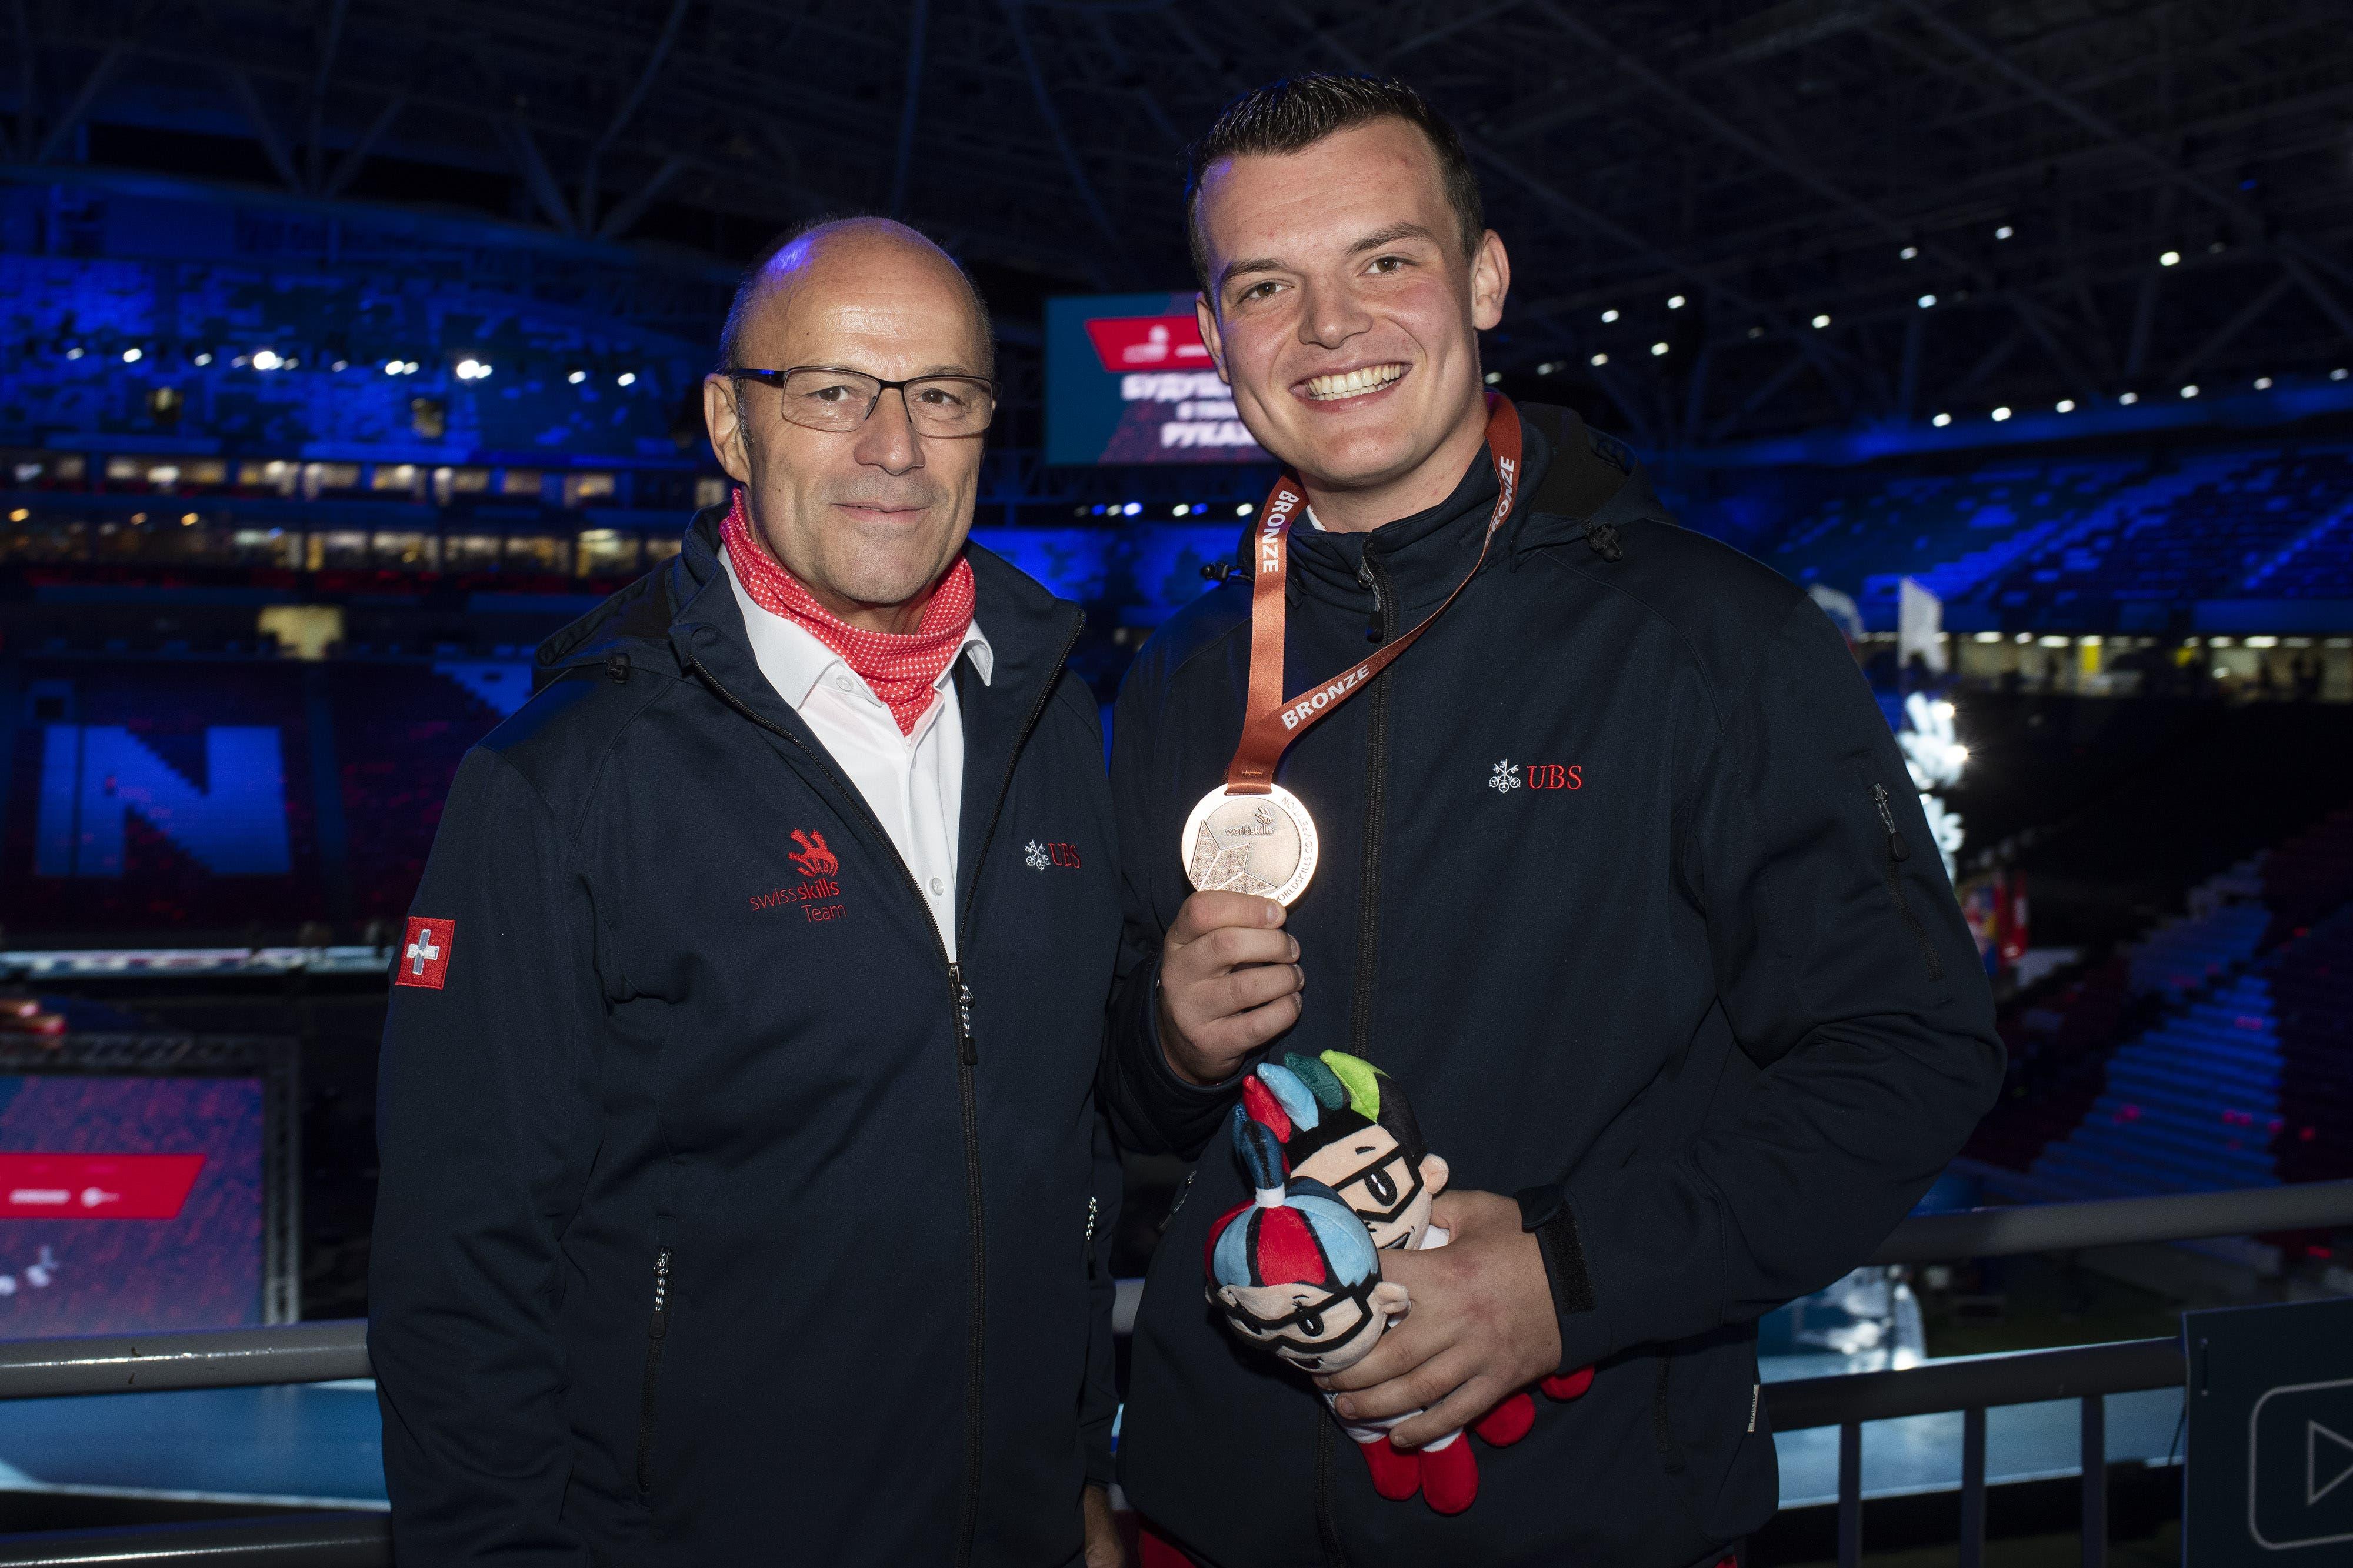 Patrick Grepper und sein Experte Markus Niederer freuen sich über die Medaille. (Bild: Swiss Skills)